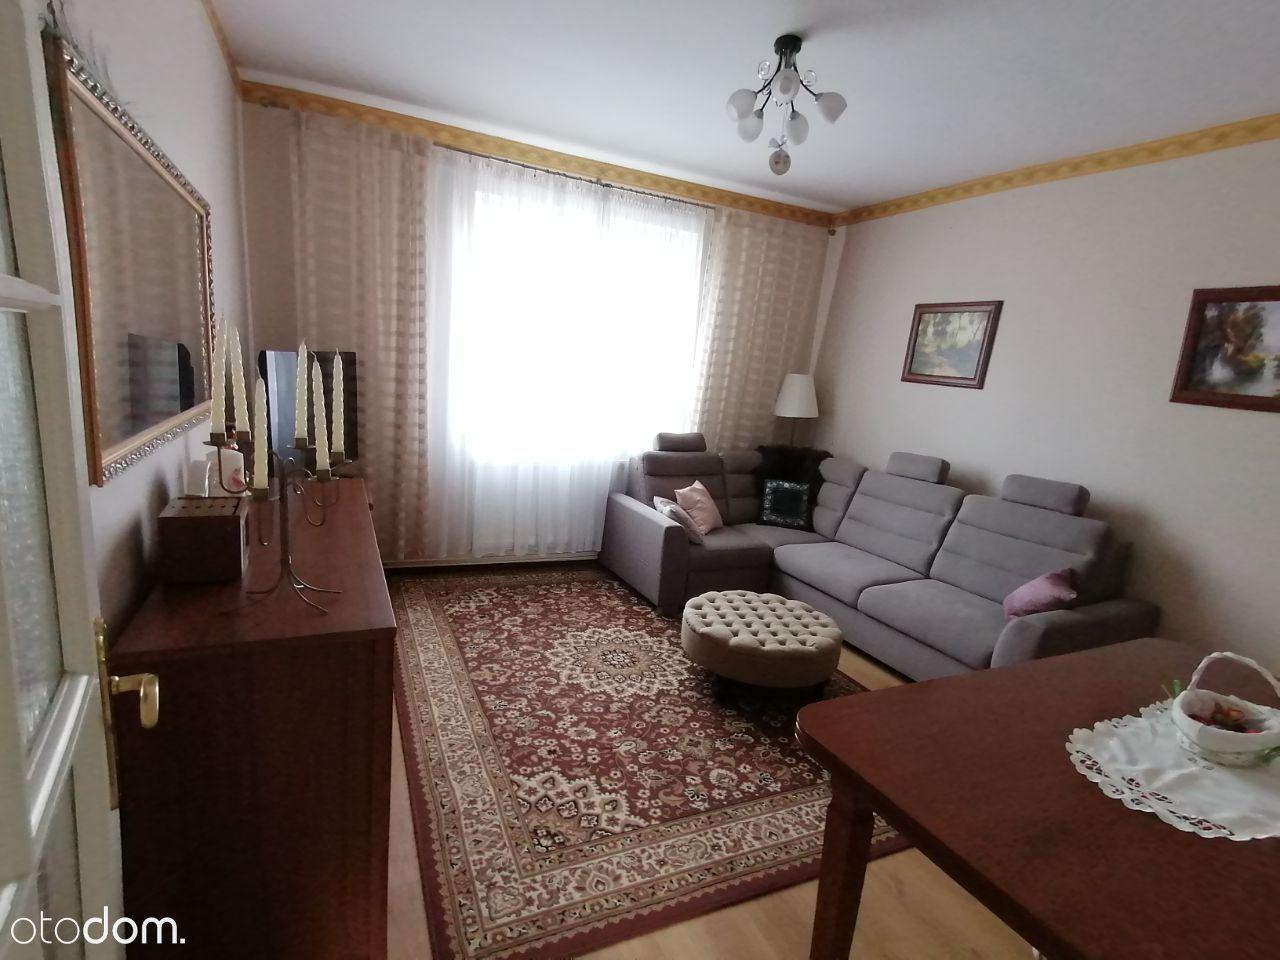 Mieszkanie, 2 Garaże, 250m ogród, Konikowo